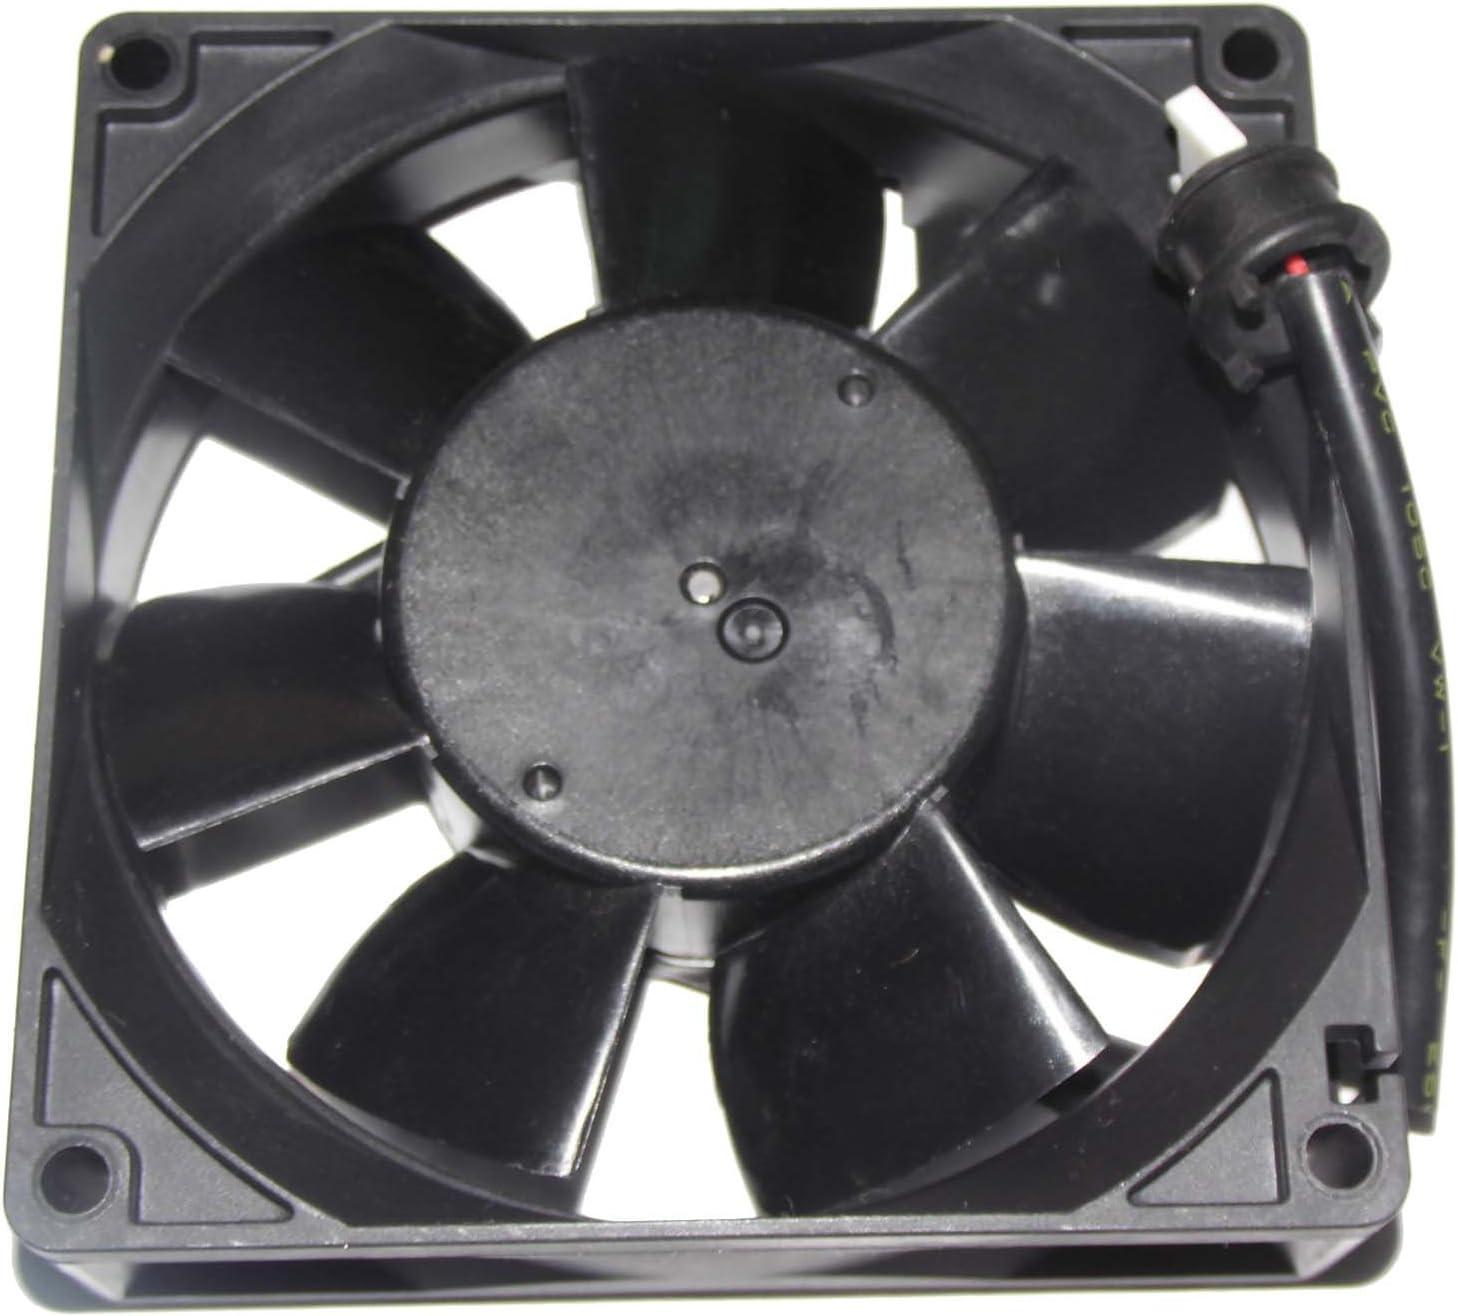 Melco 9025mm MMF-09D24TS RN9 24V 0.19A NC5332H44 MMF-09D24TS-RN9 2Wire Cooling Fan